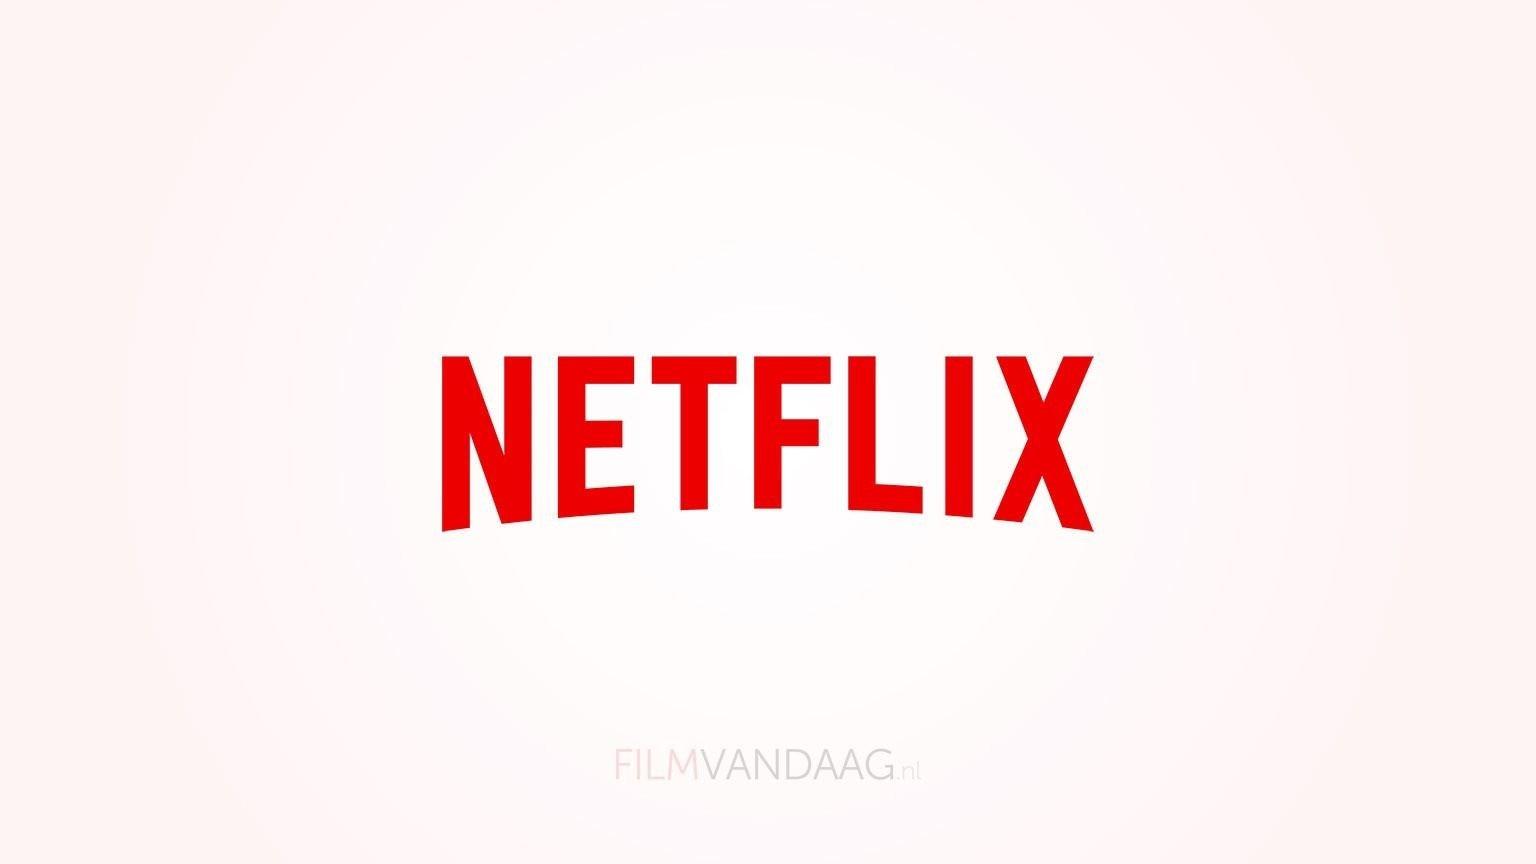 Alle 35+ aangekondigde nieuwe films op Netflix in februari